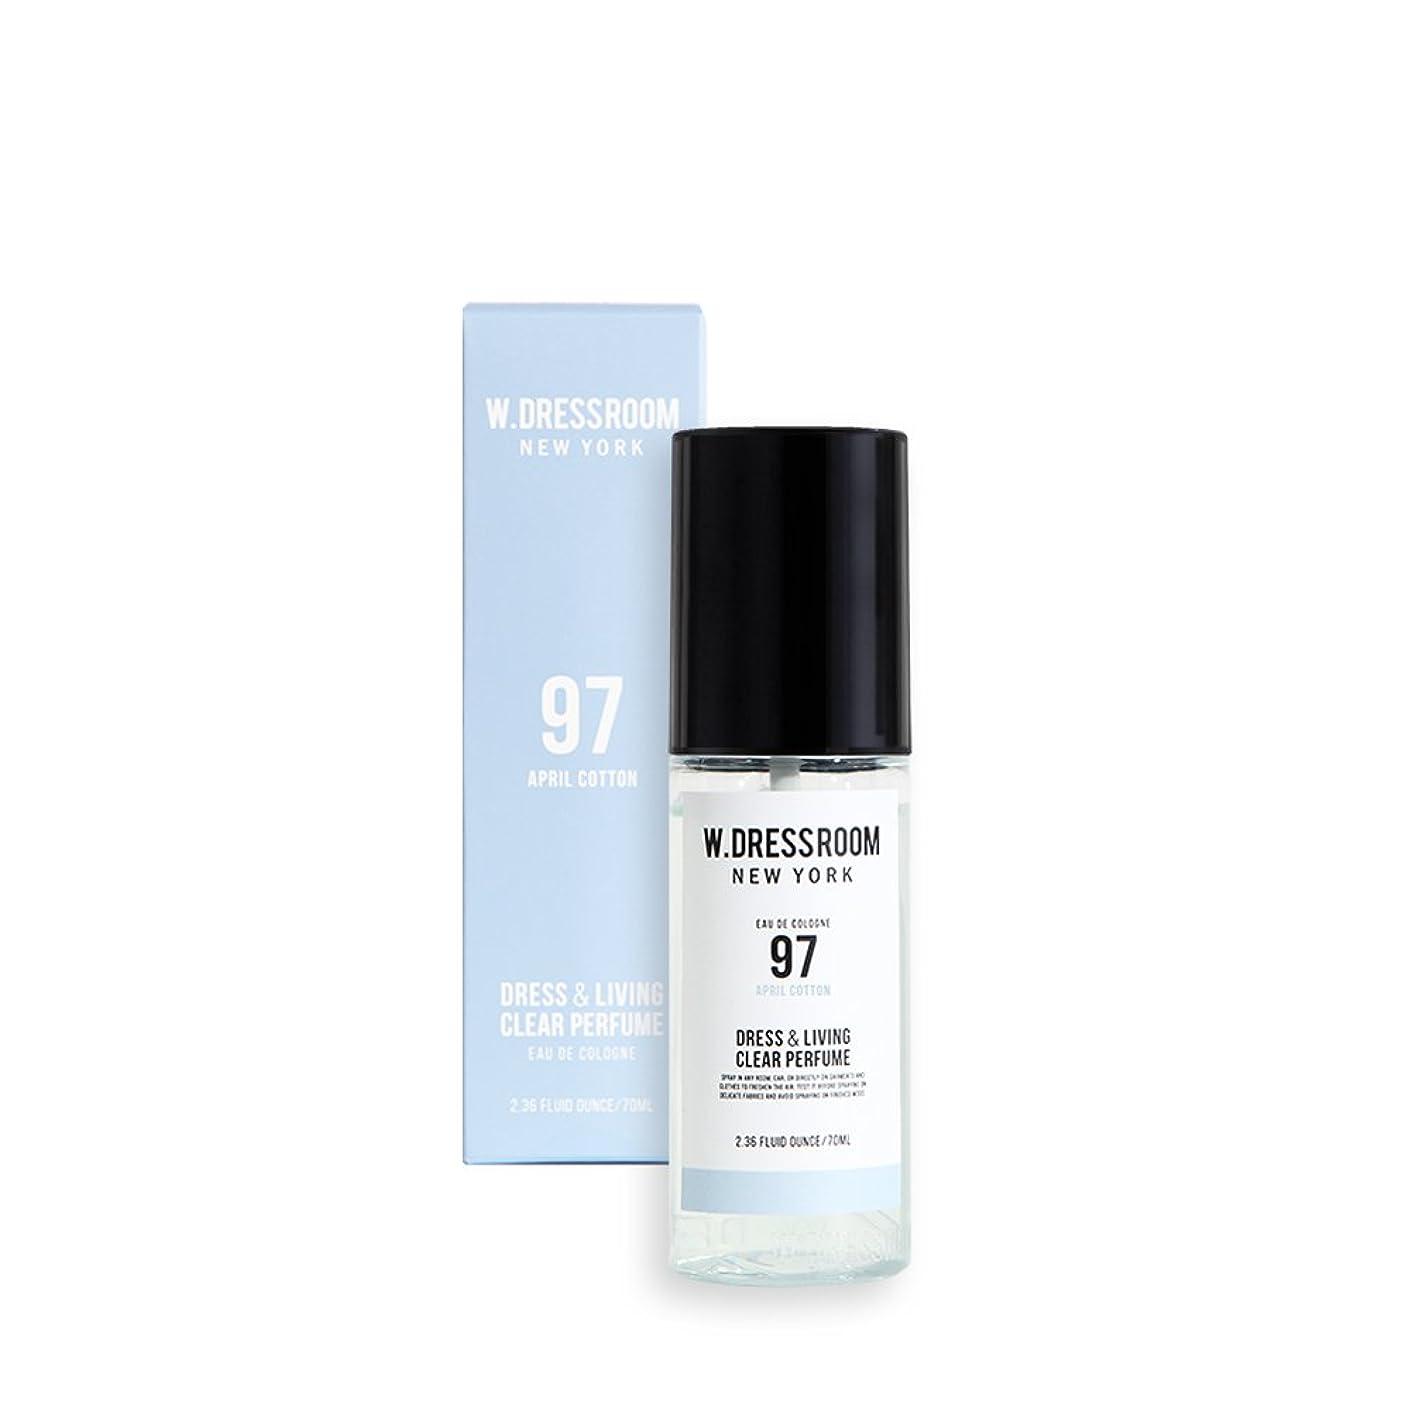 距離構築するアパートW.DRESSROOM Dress & Living Clear Perfume 70ml/ダブルドレスルーム ドレス&リビング クリア パフューム 70ml (#No.97 April Cotton) [並行輸入品]